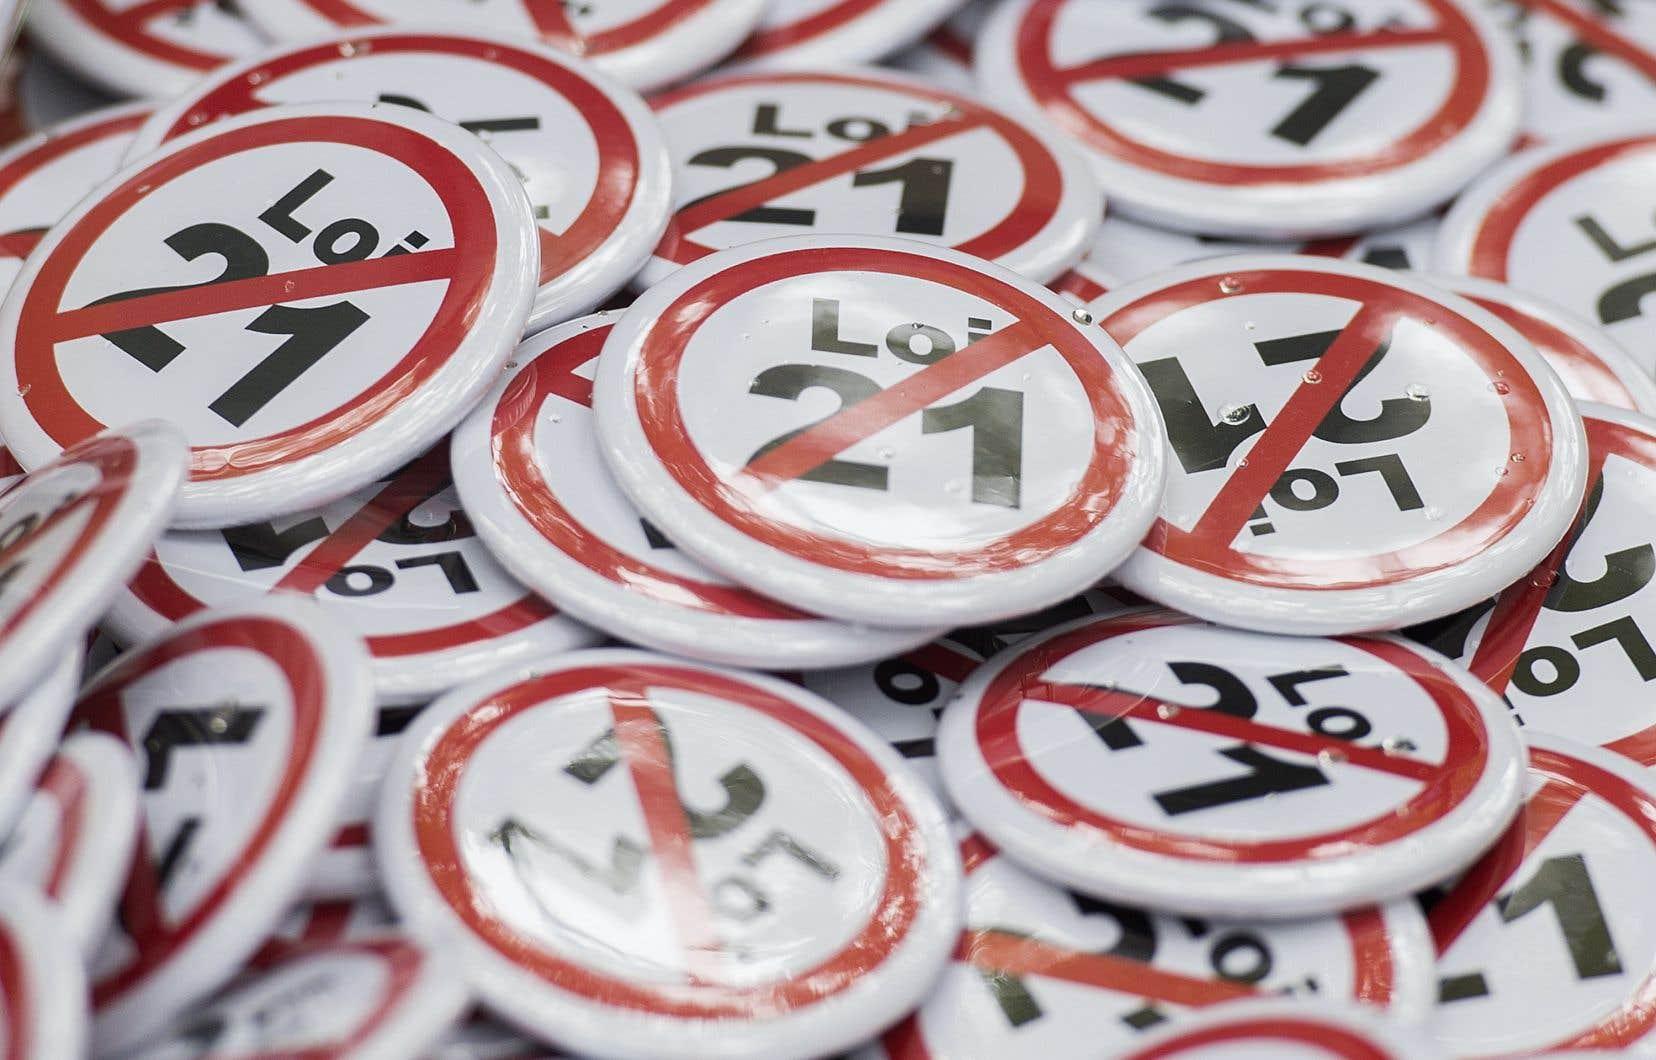 La Commission scolaire English-Montréalsoutient notamment que la loi 21 contrevient à l'égalité des sexes, car elle cible principalement les femmes musulmanes.